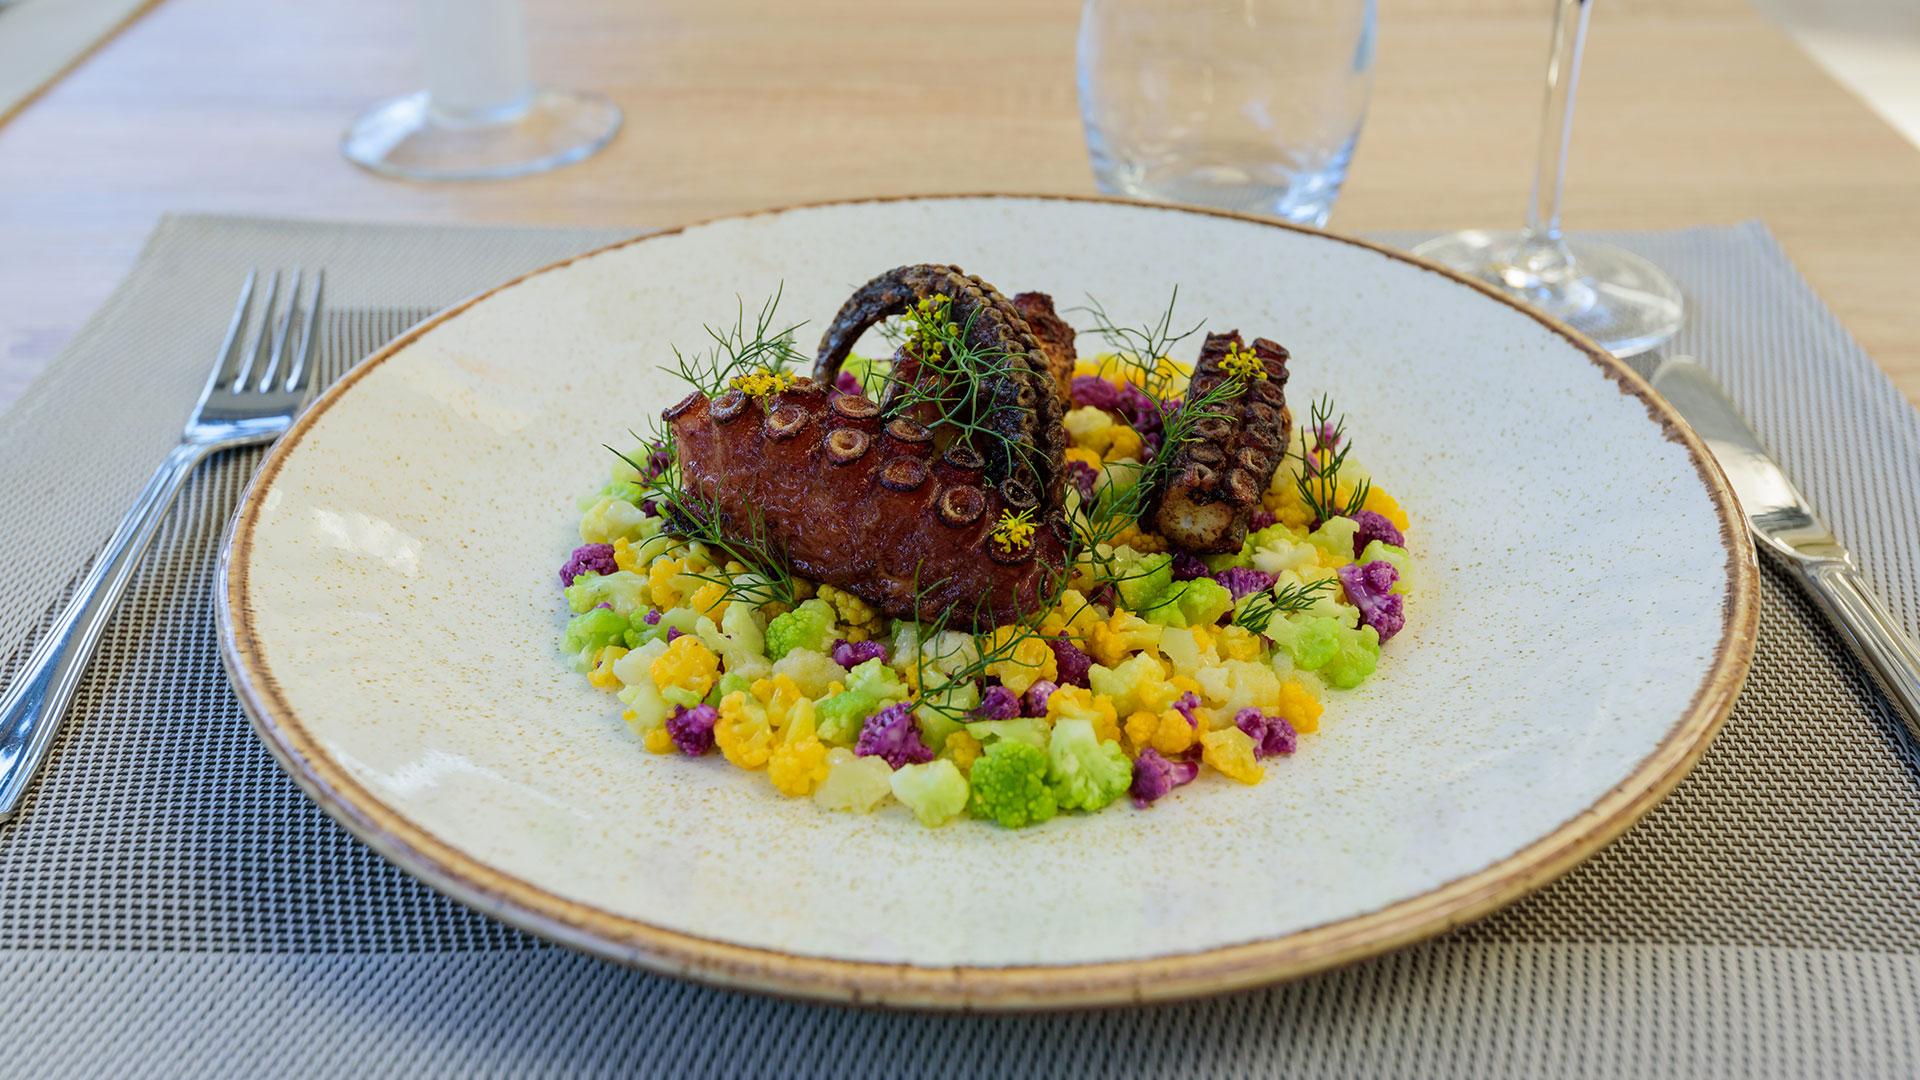 Restaurant fontvieille poulpe - Hôtel 3 étoiles Provence